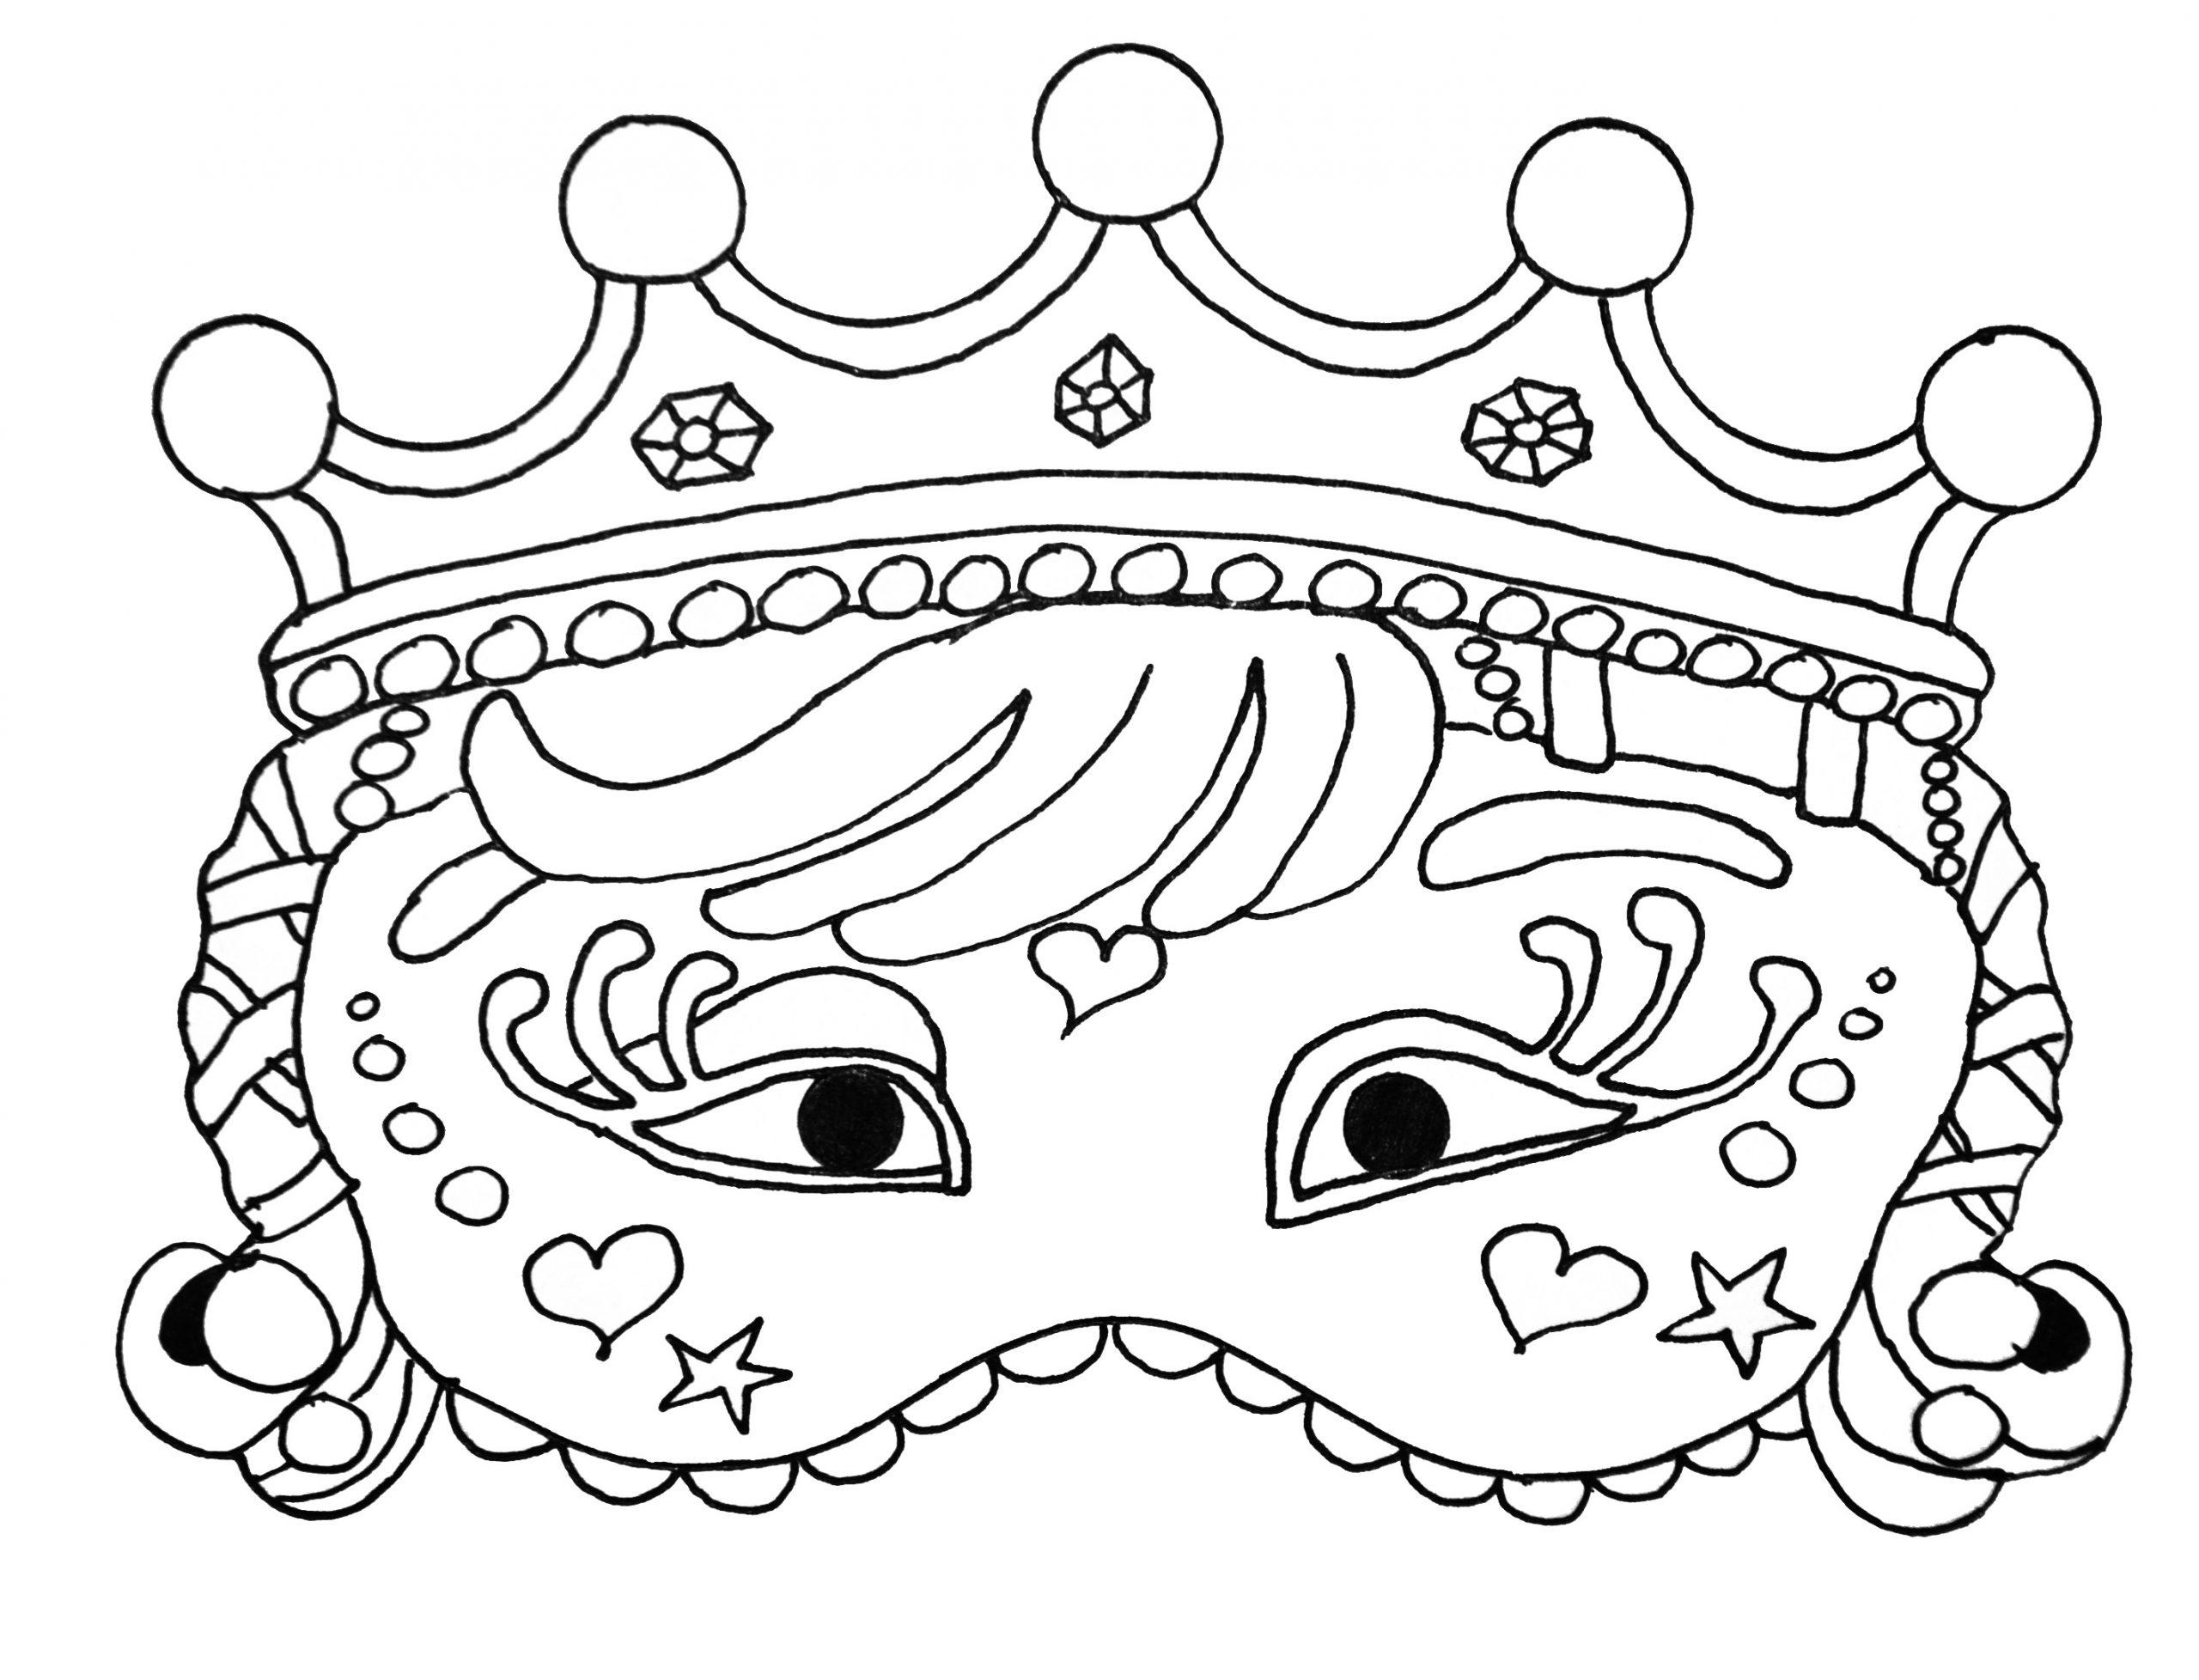 Joli Masque De Carnaval - Coloriage De Masques - Coloriages destiné Masque Loup A Colorier